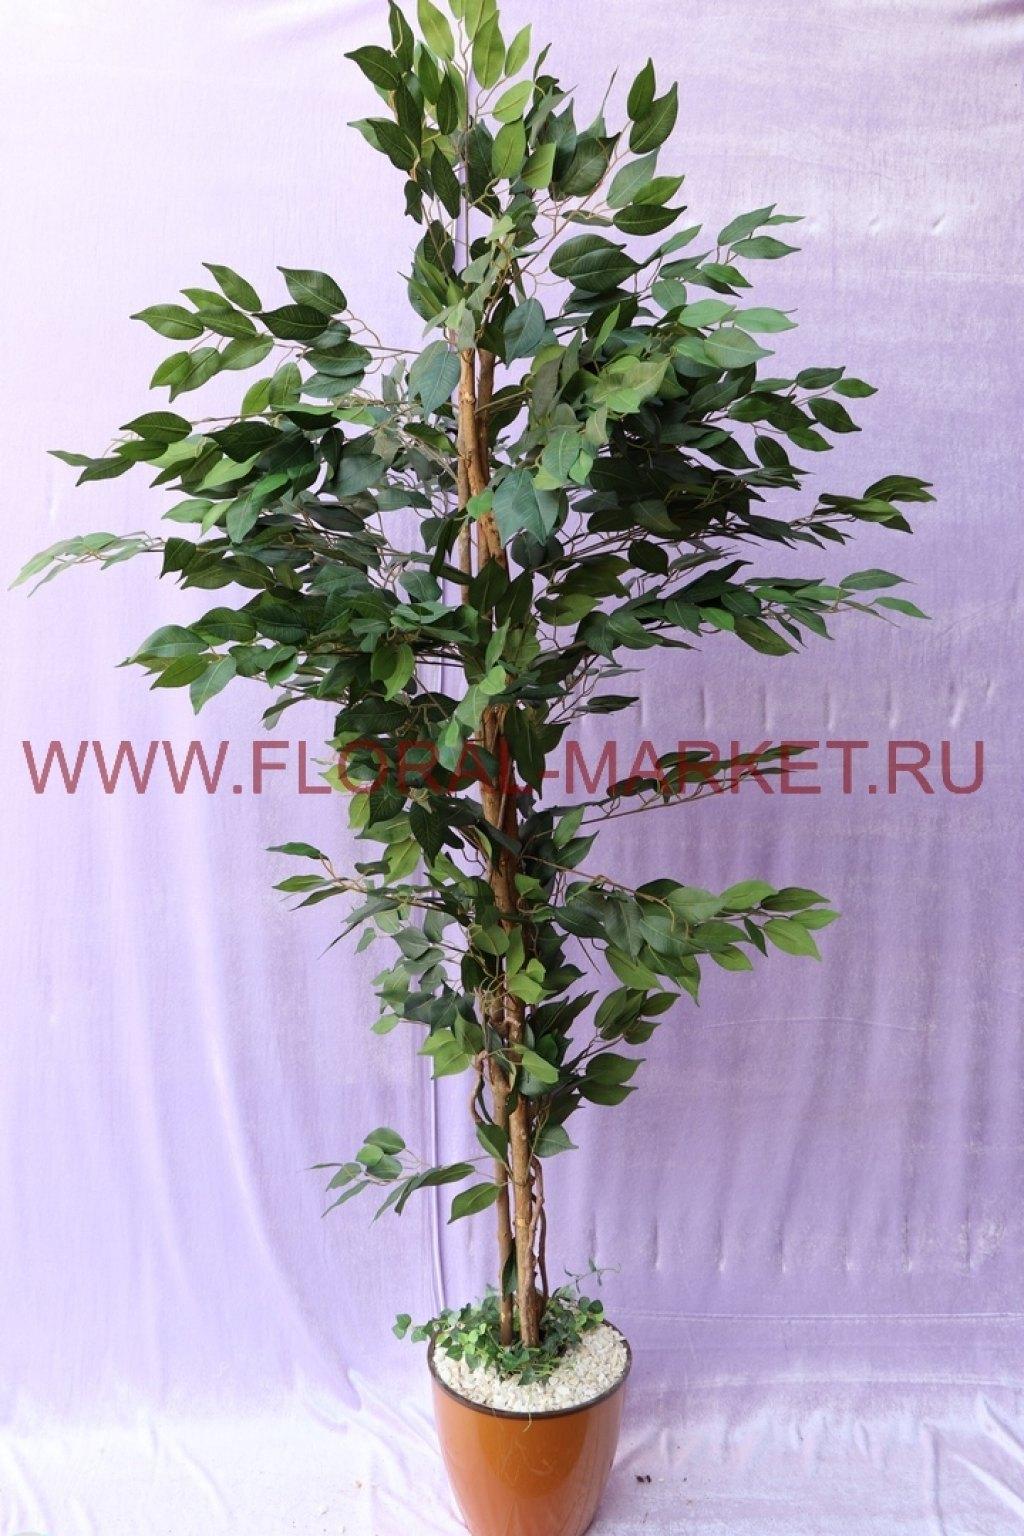 Дерево Фикус h=210см.